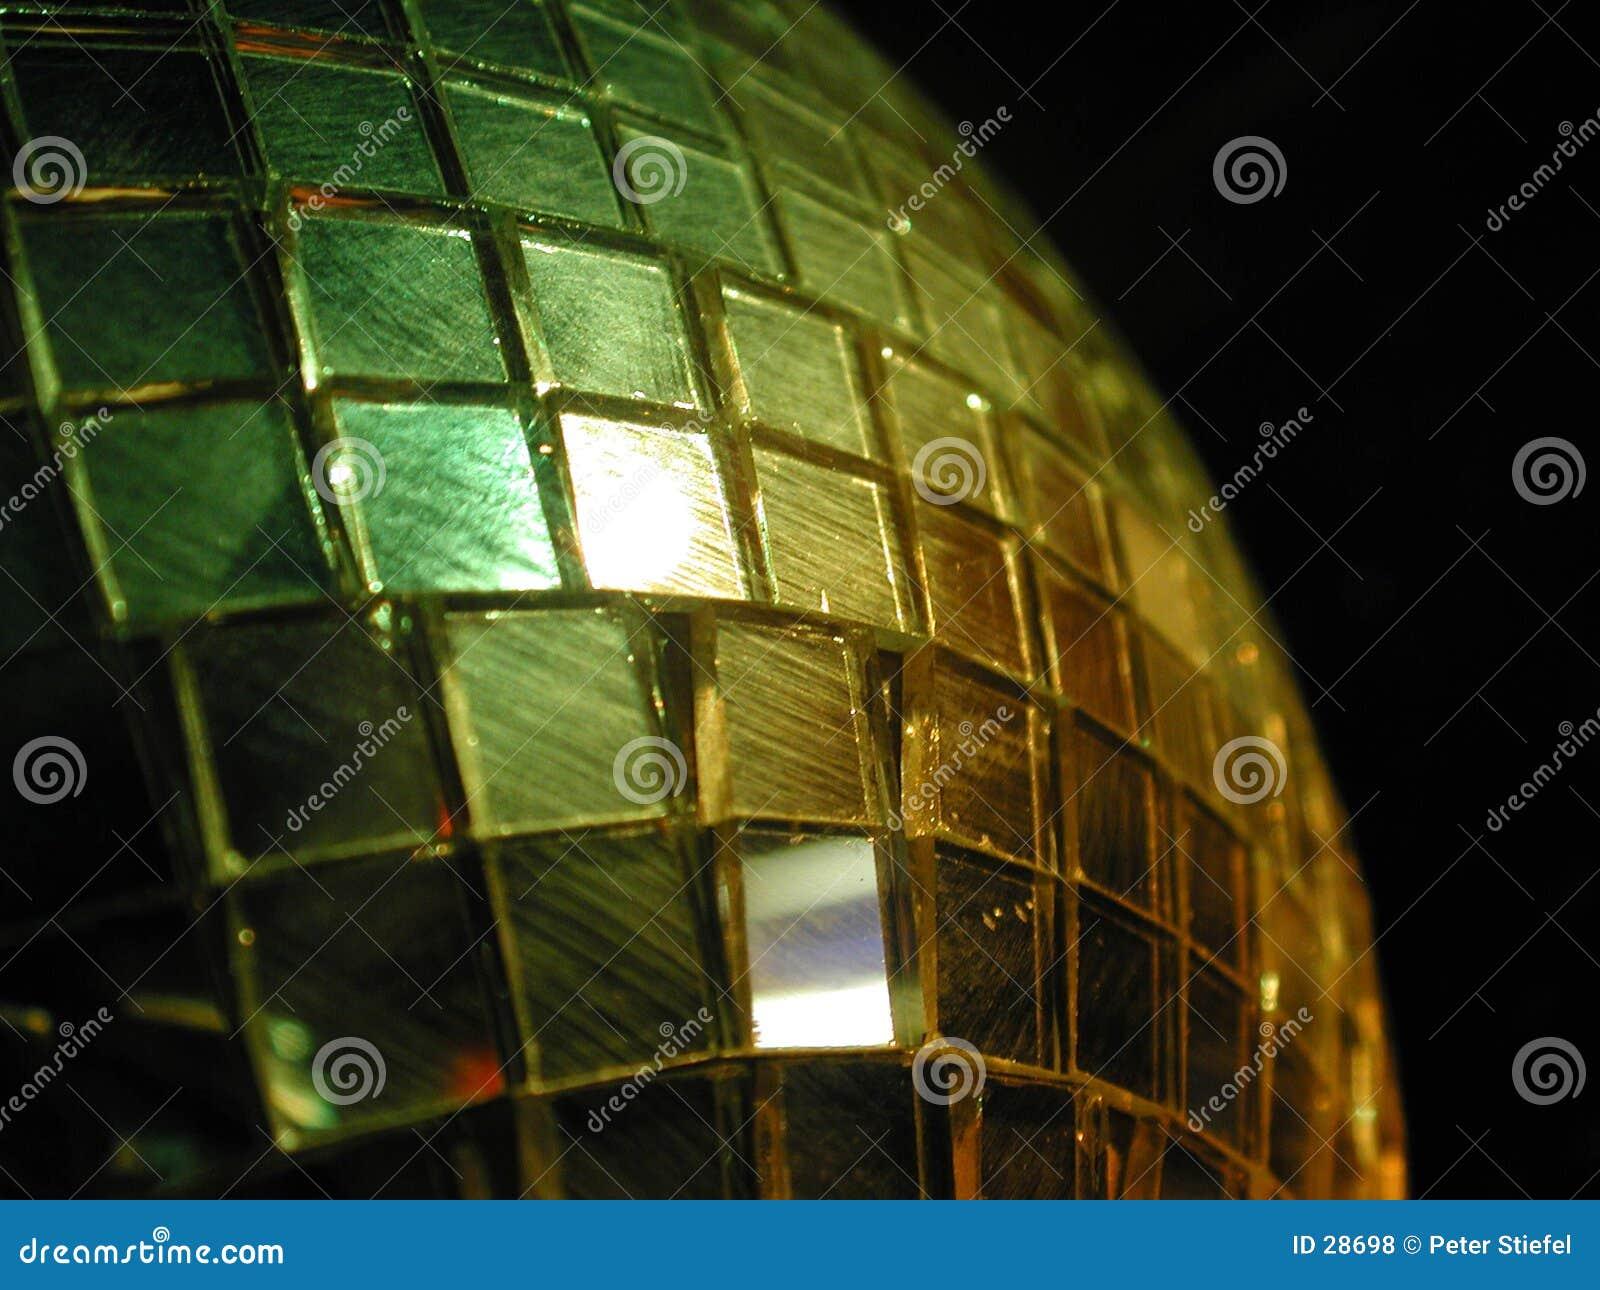 Download Disco balowa zdjęcie stock. Obraz złożonej z klub, taniec - 28698